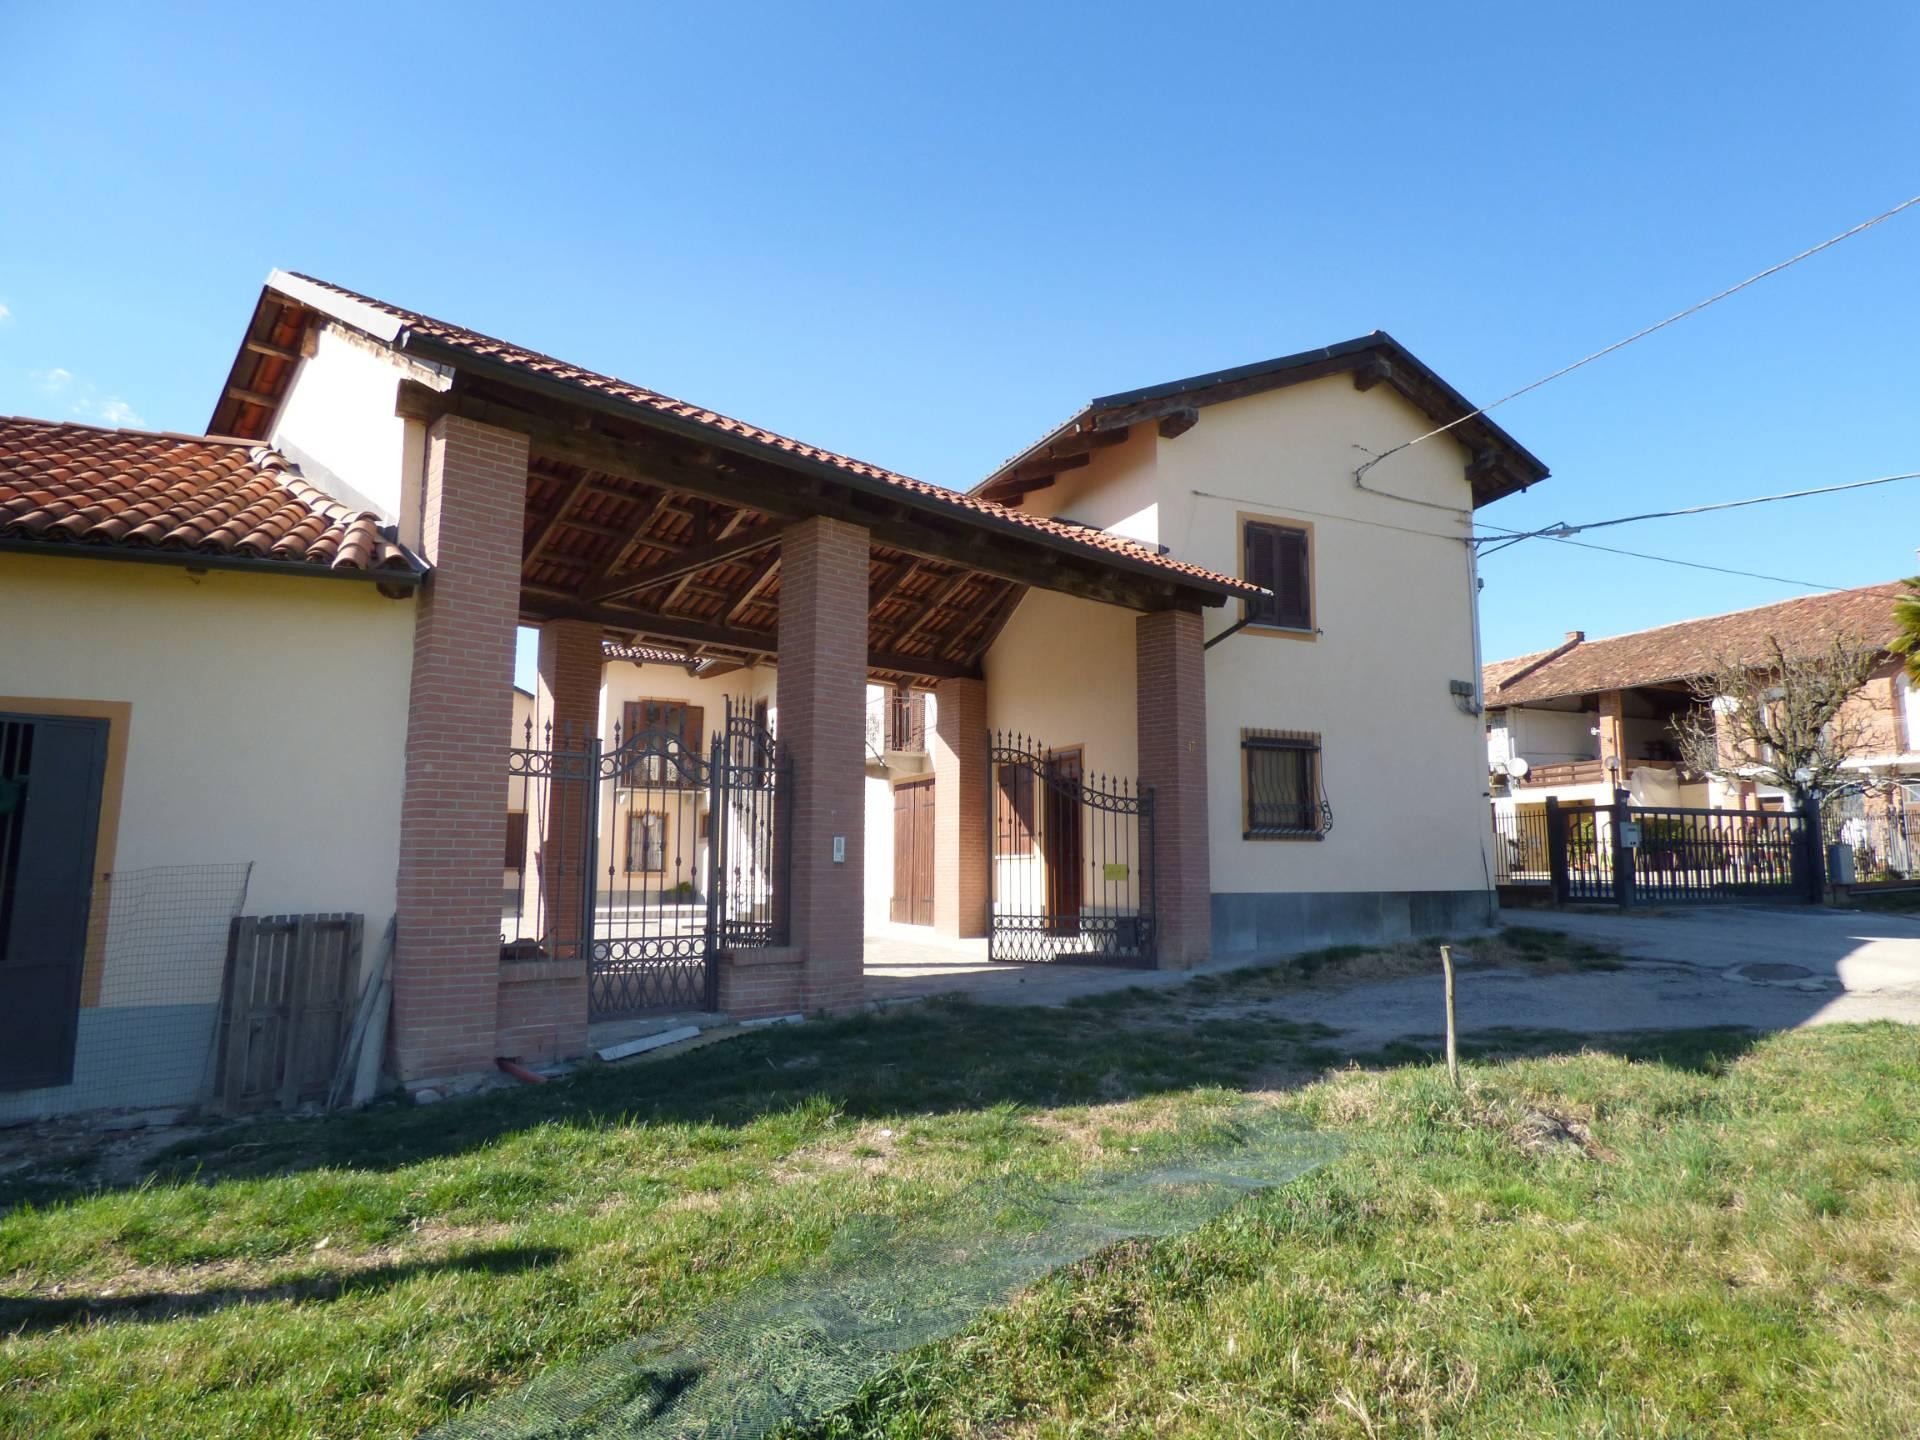 Rustico / Casale in vendita a Moncucco Torinese, 10 locali, prezzo € 340.000 | CambioCasa.it